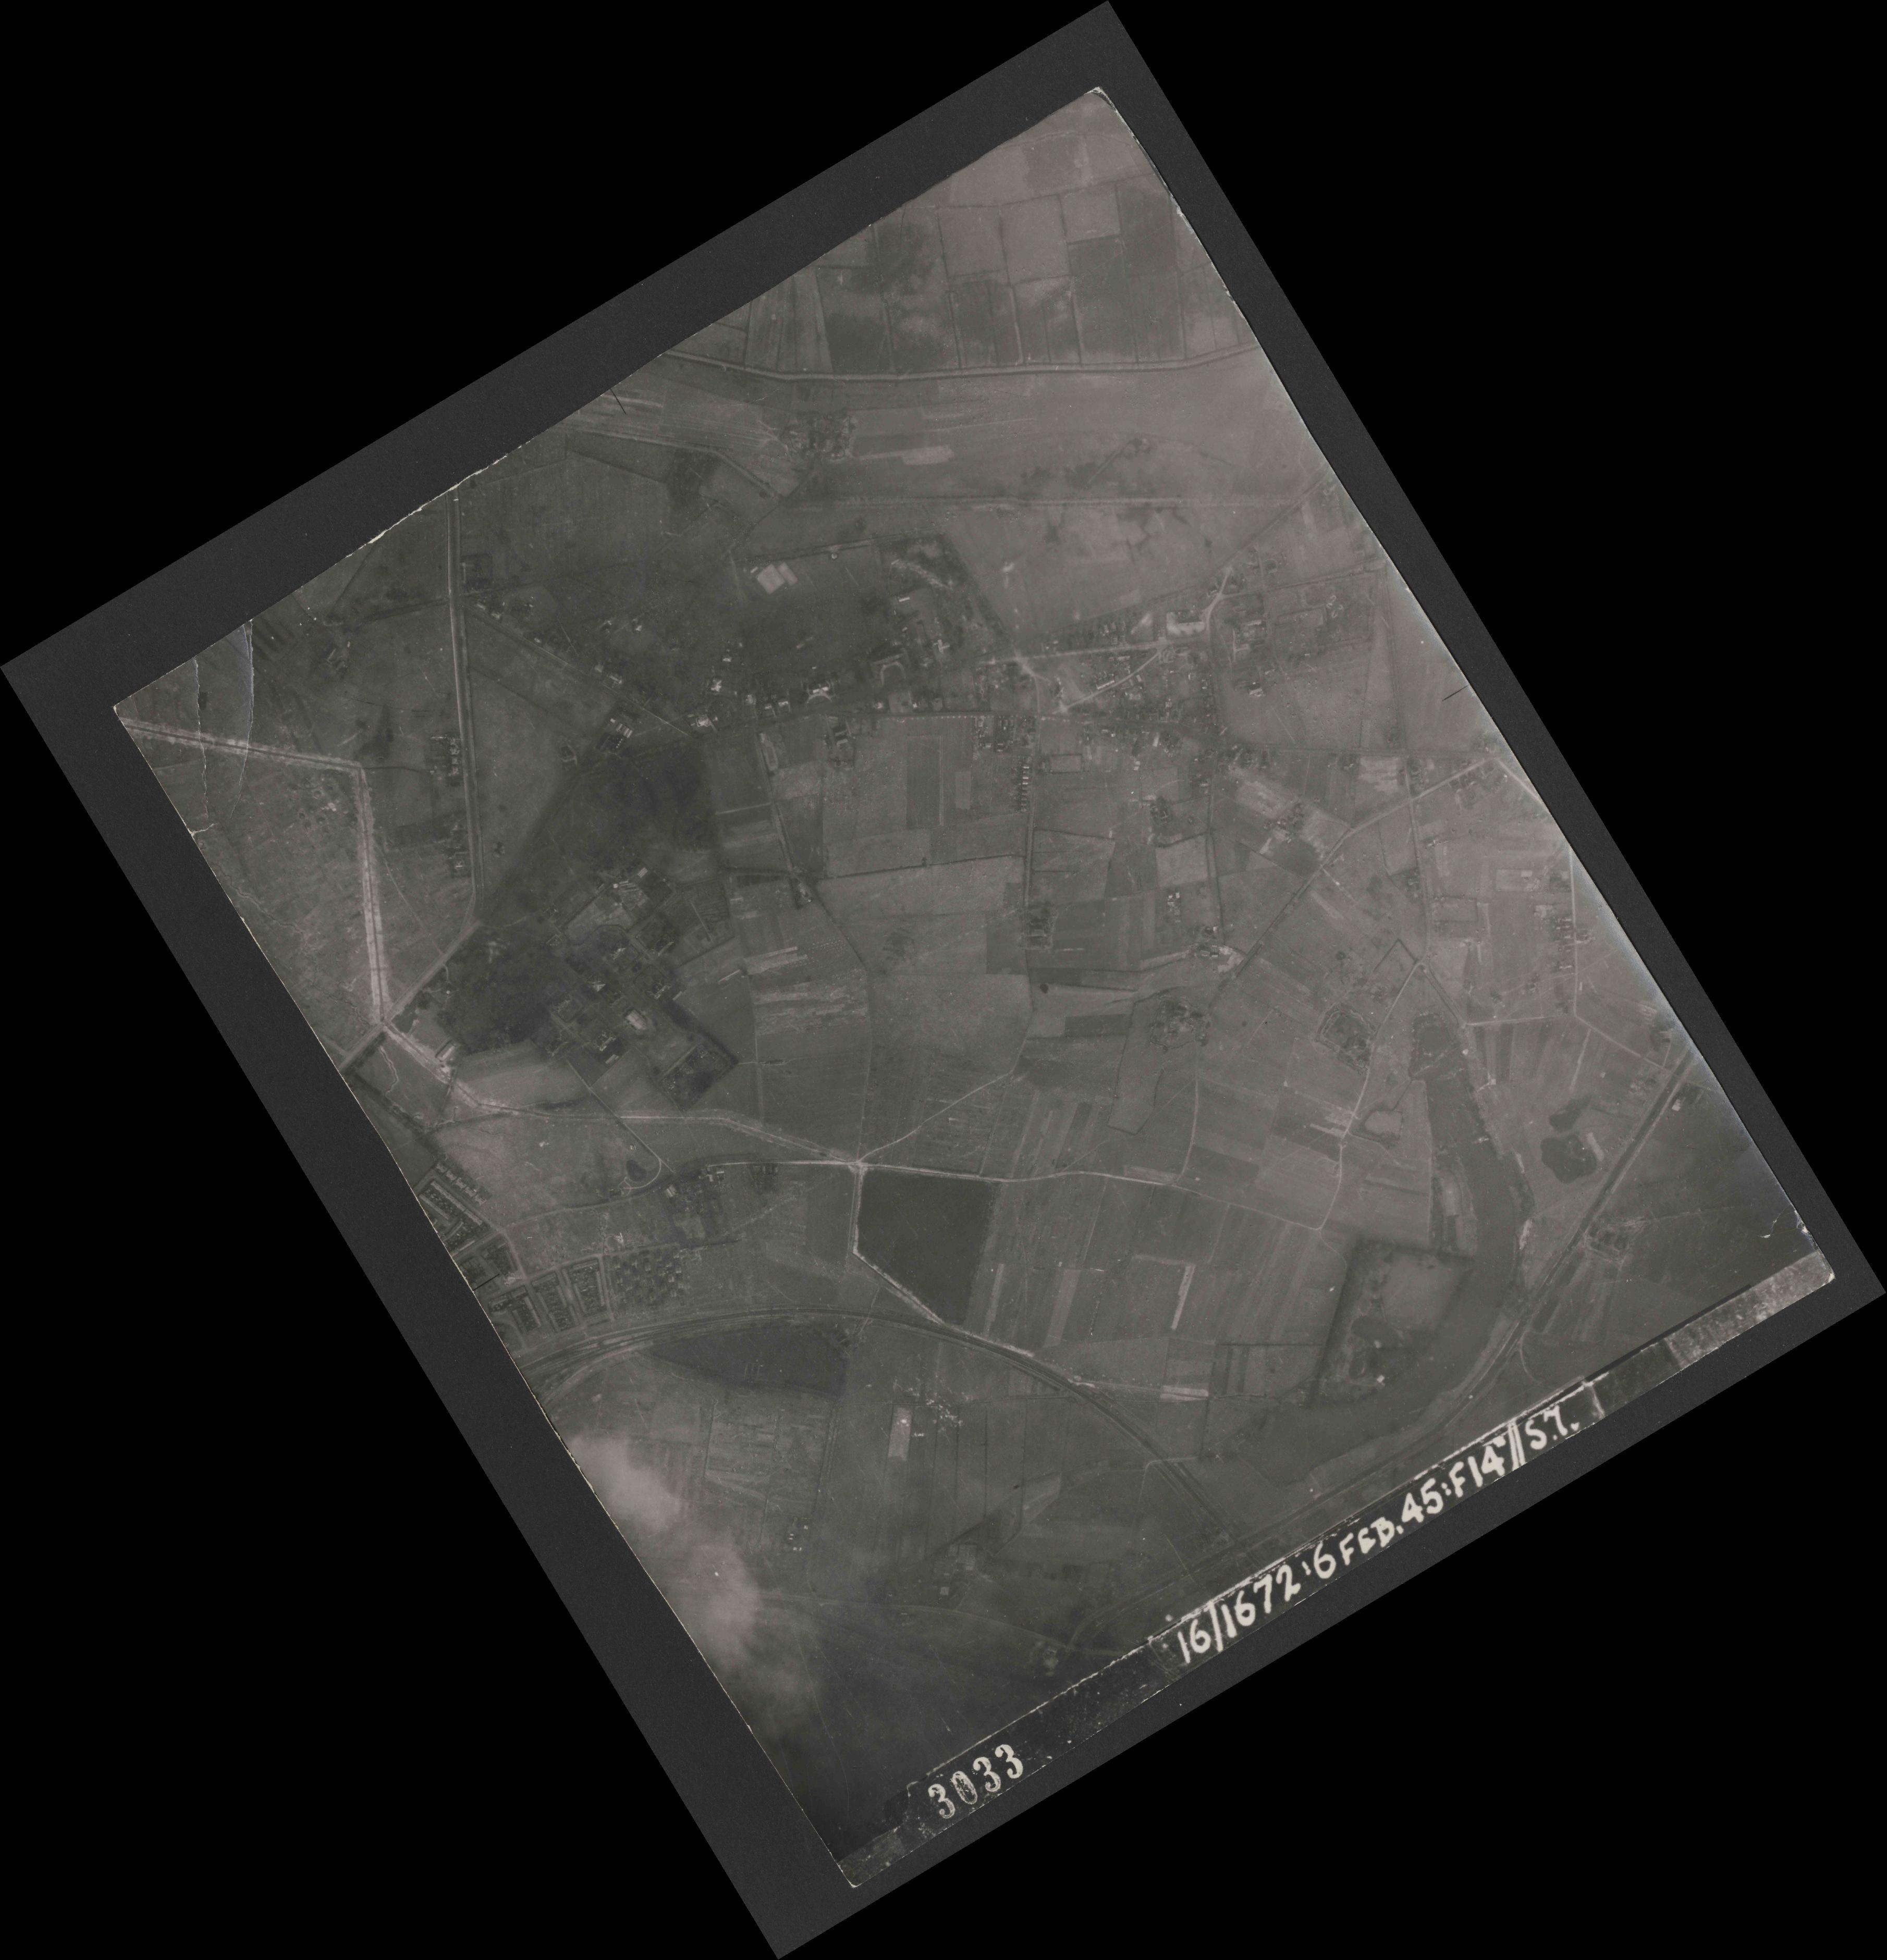 Collection RAF aerial photos 1940-1945 - flight 155, run 02, photo 3033